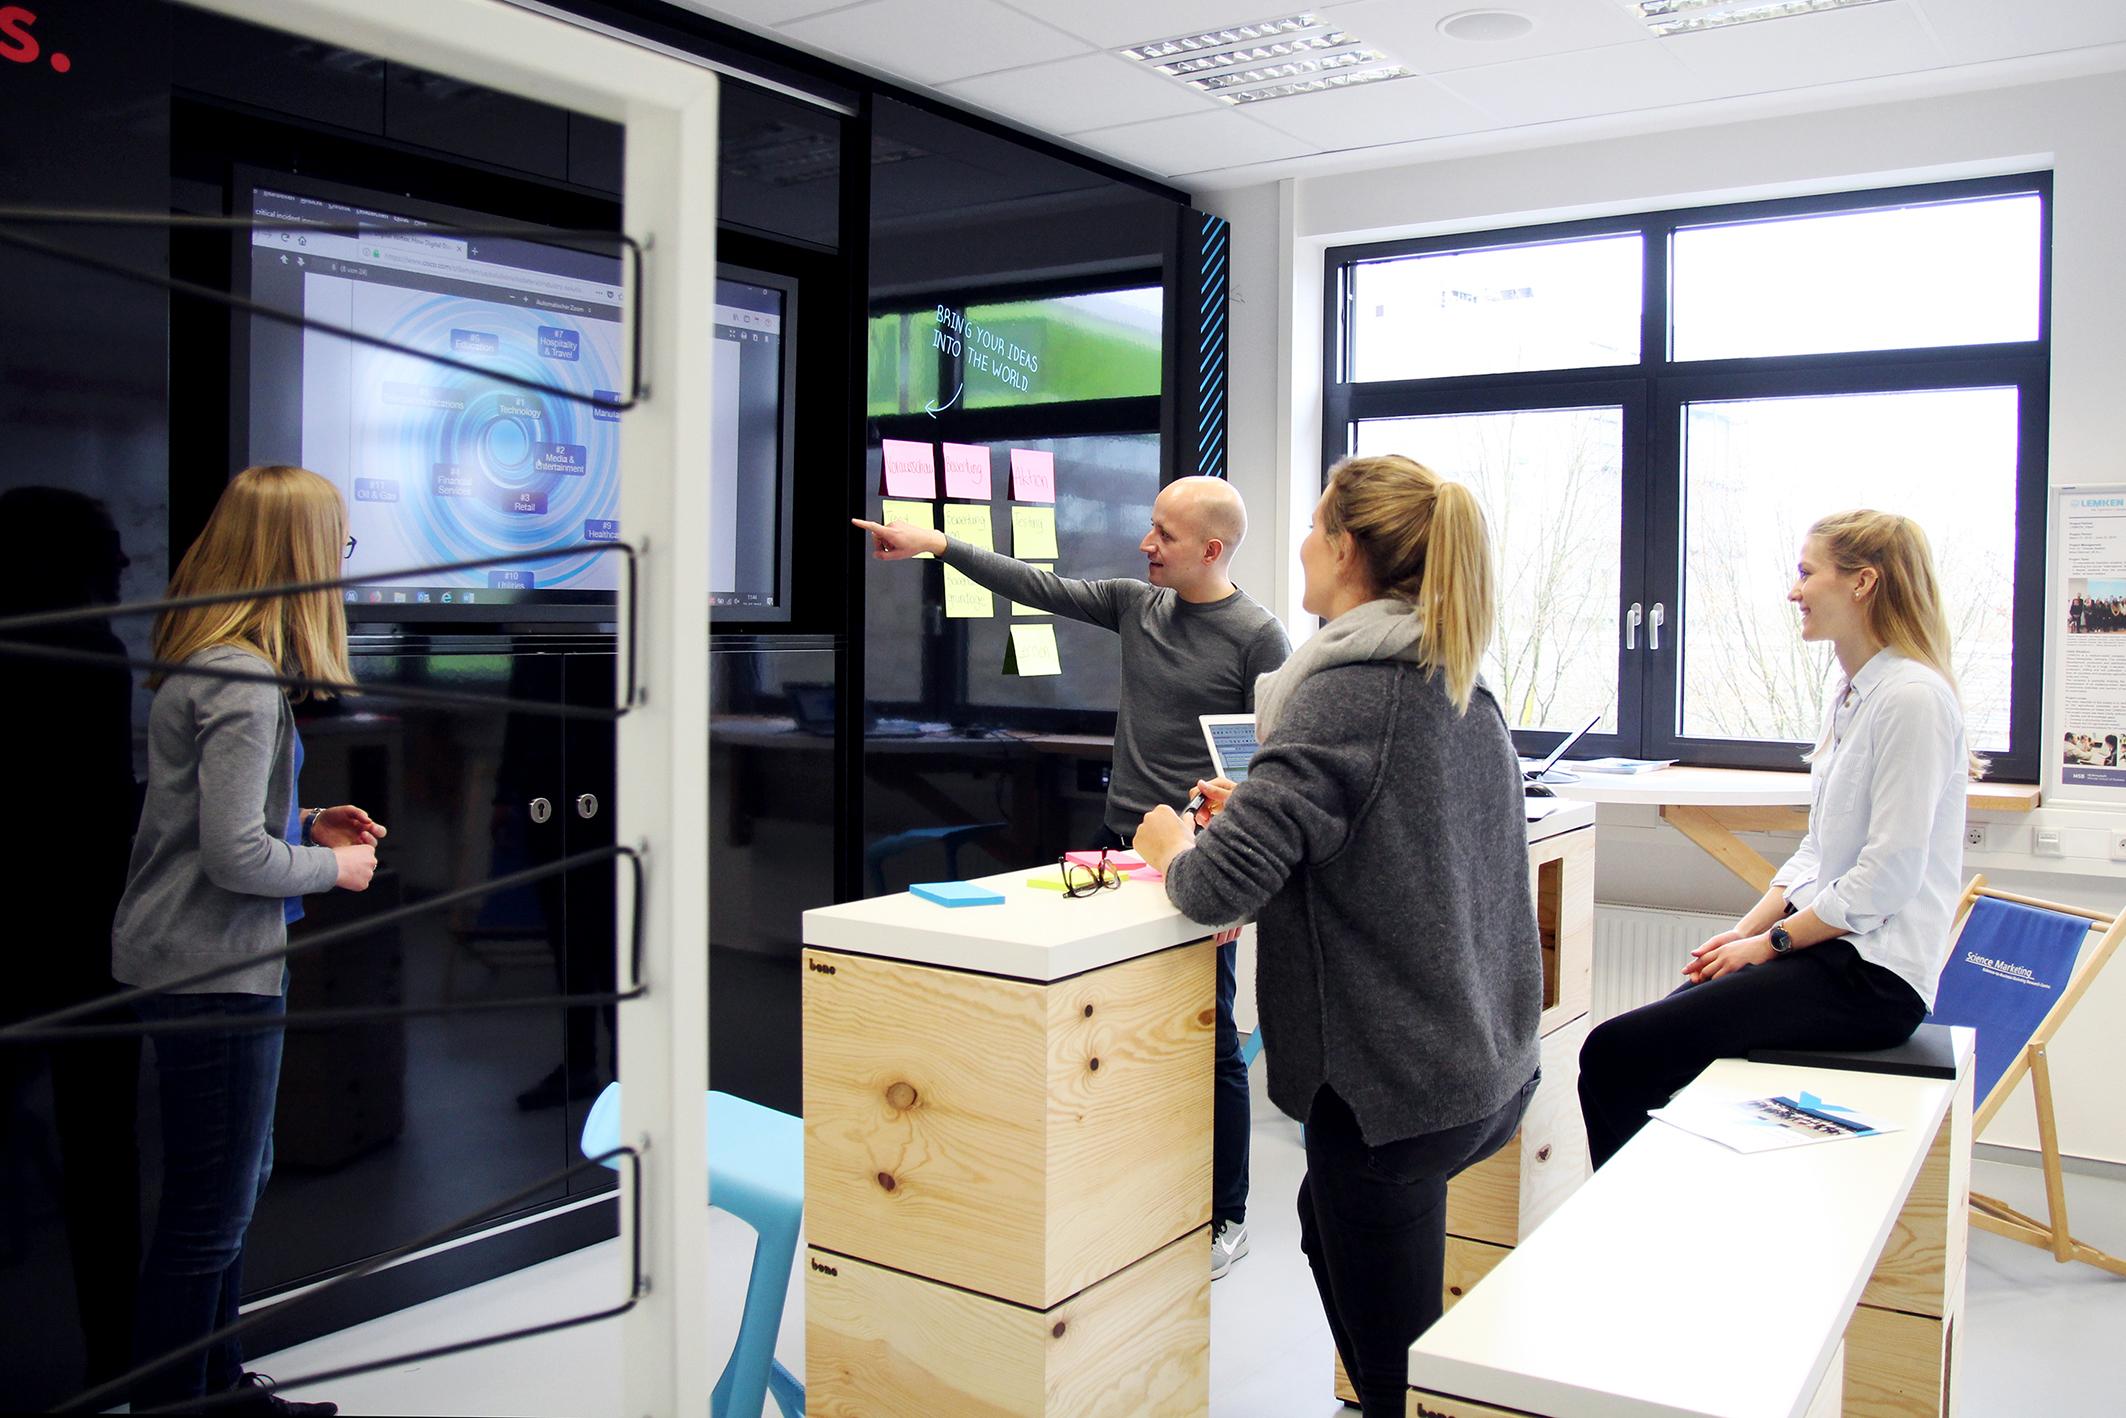 Studierende arbeiten in einem Raum.